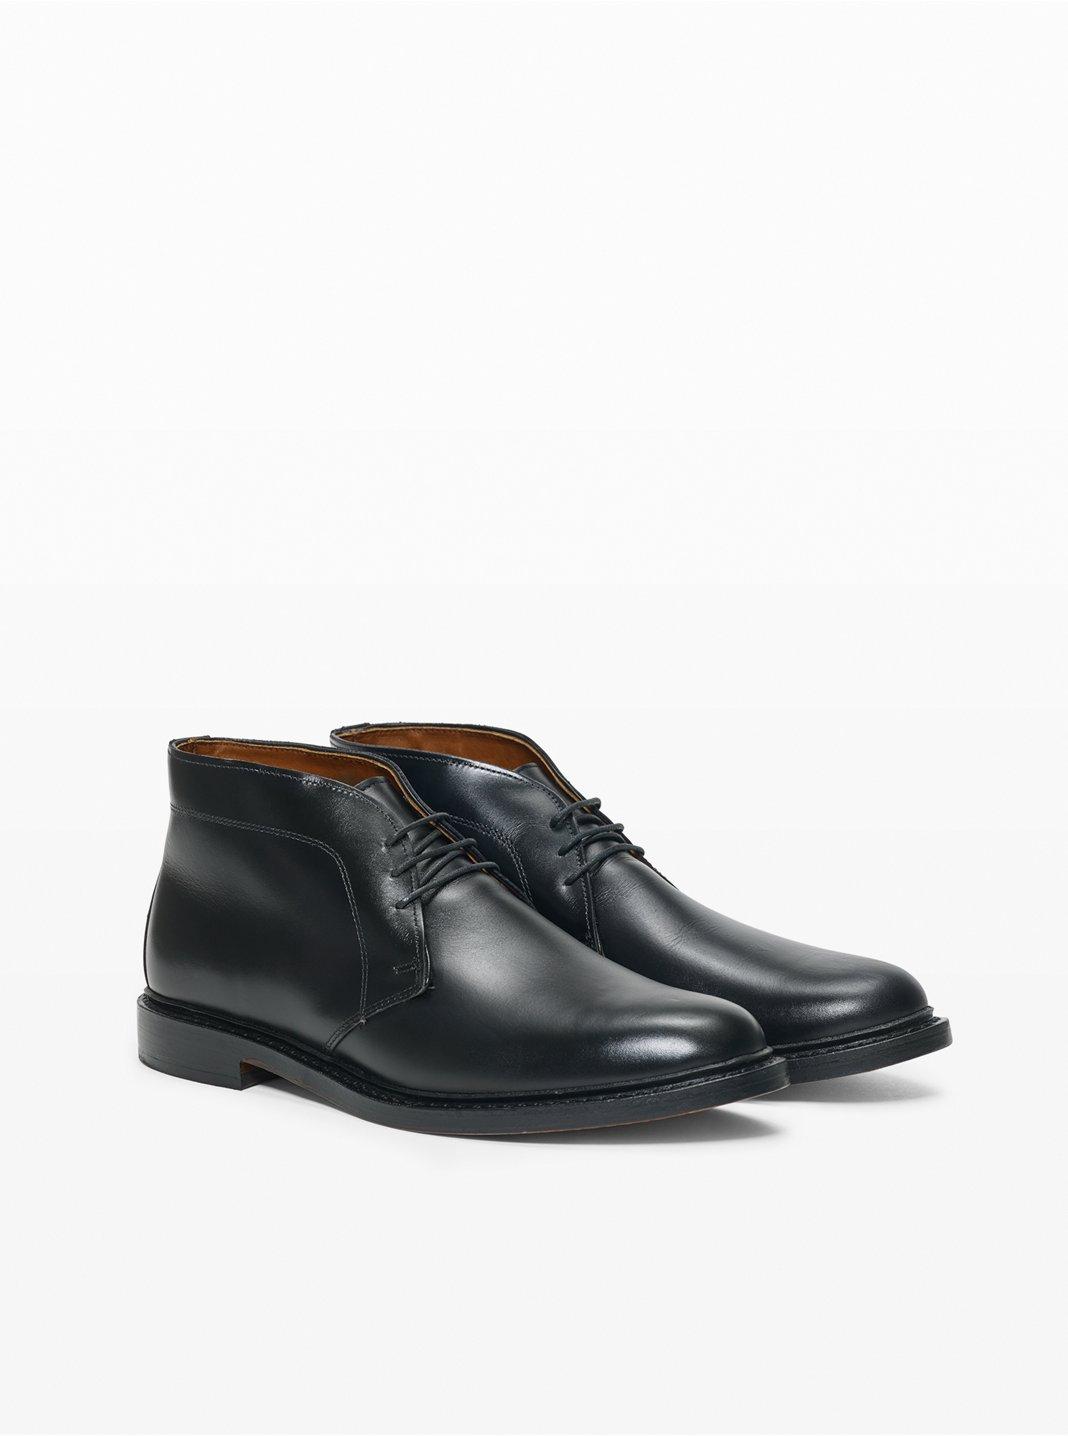 Allen Edmonds Dundee Boot